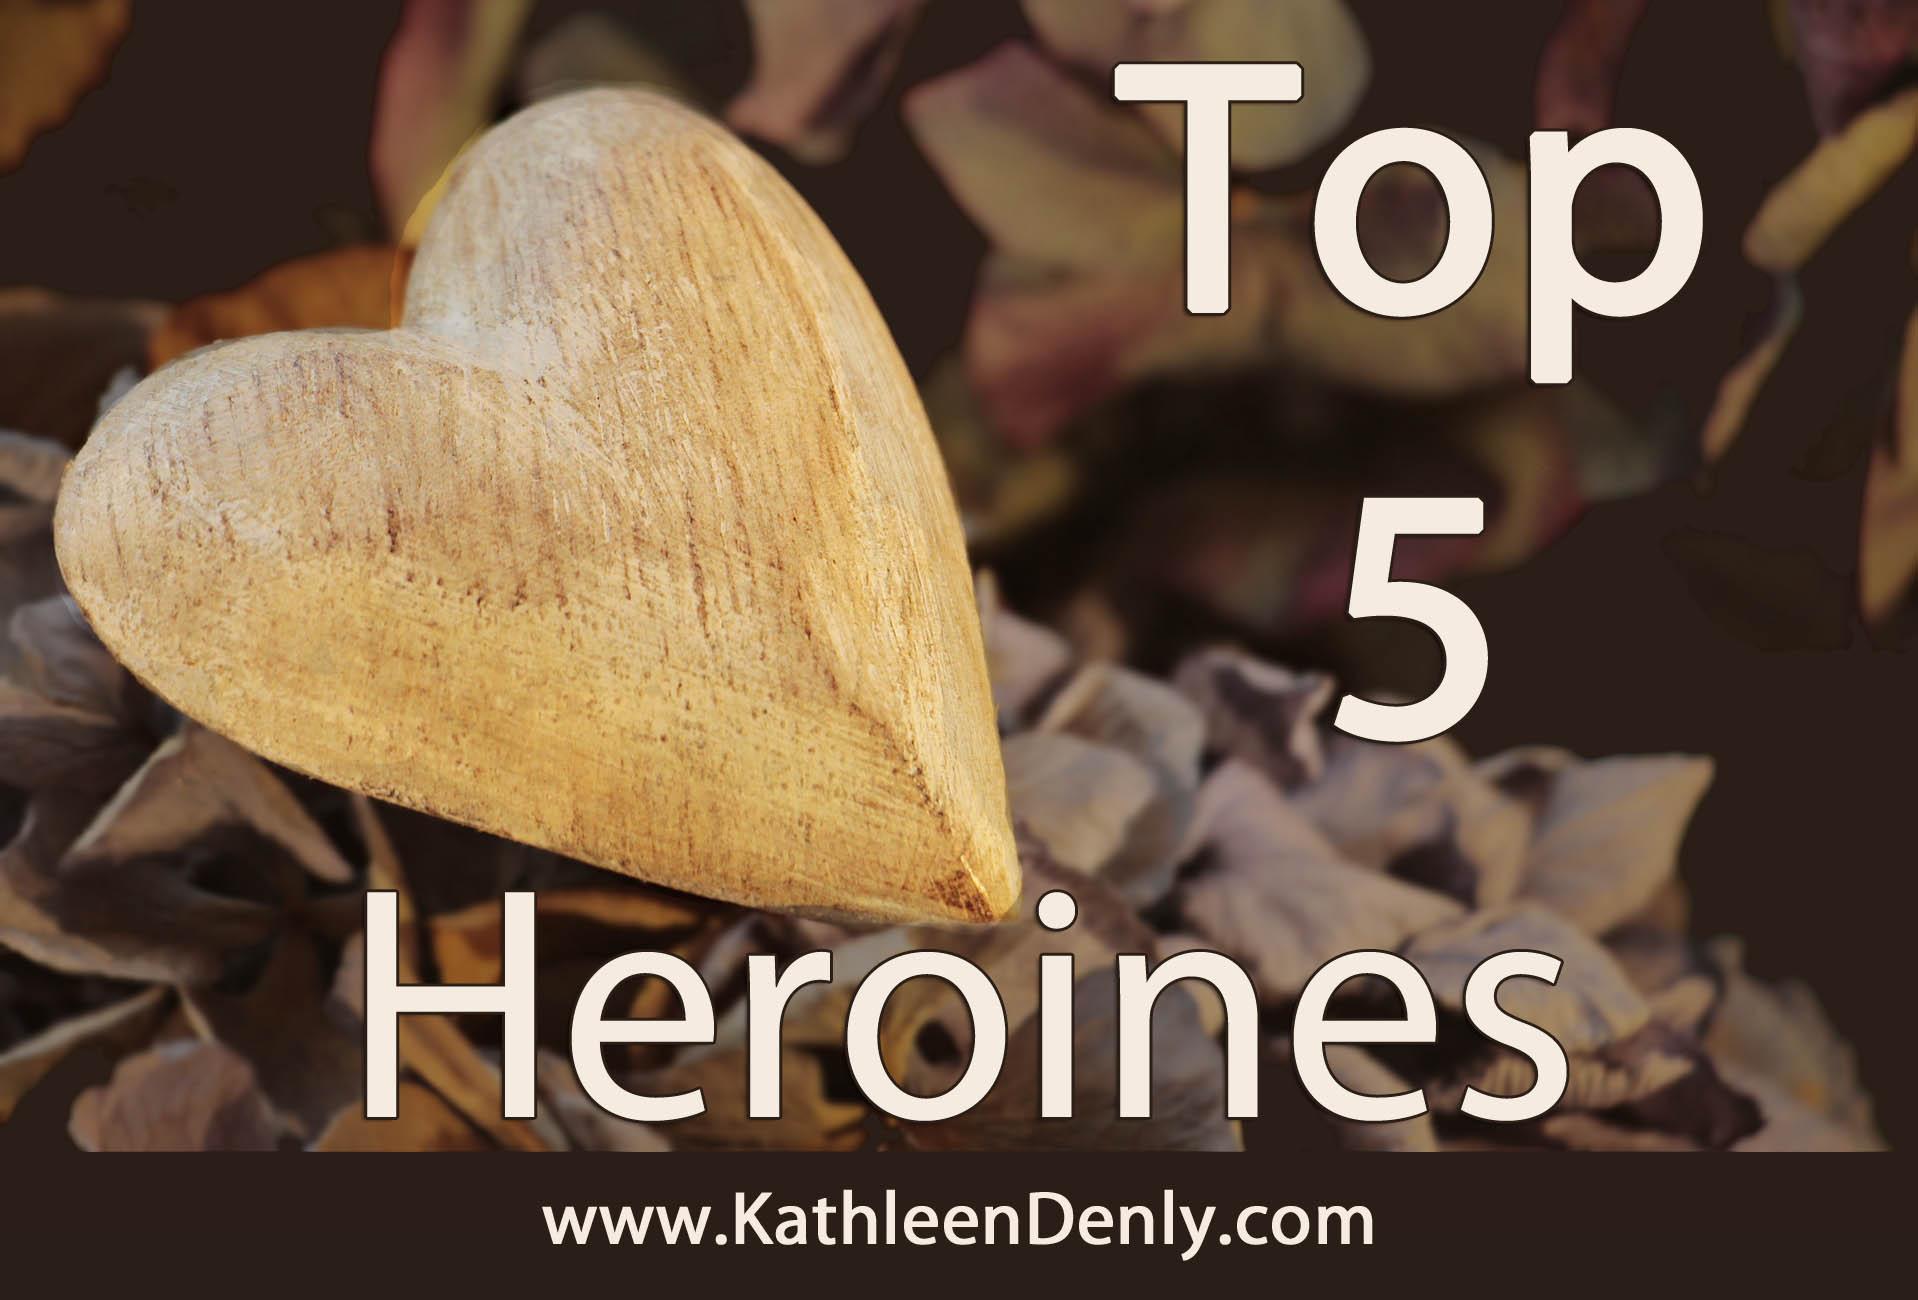 Top 5 Heroines